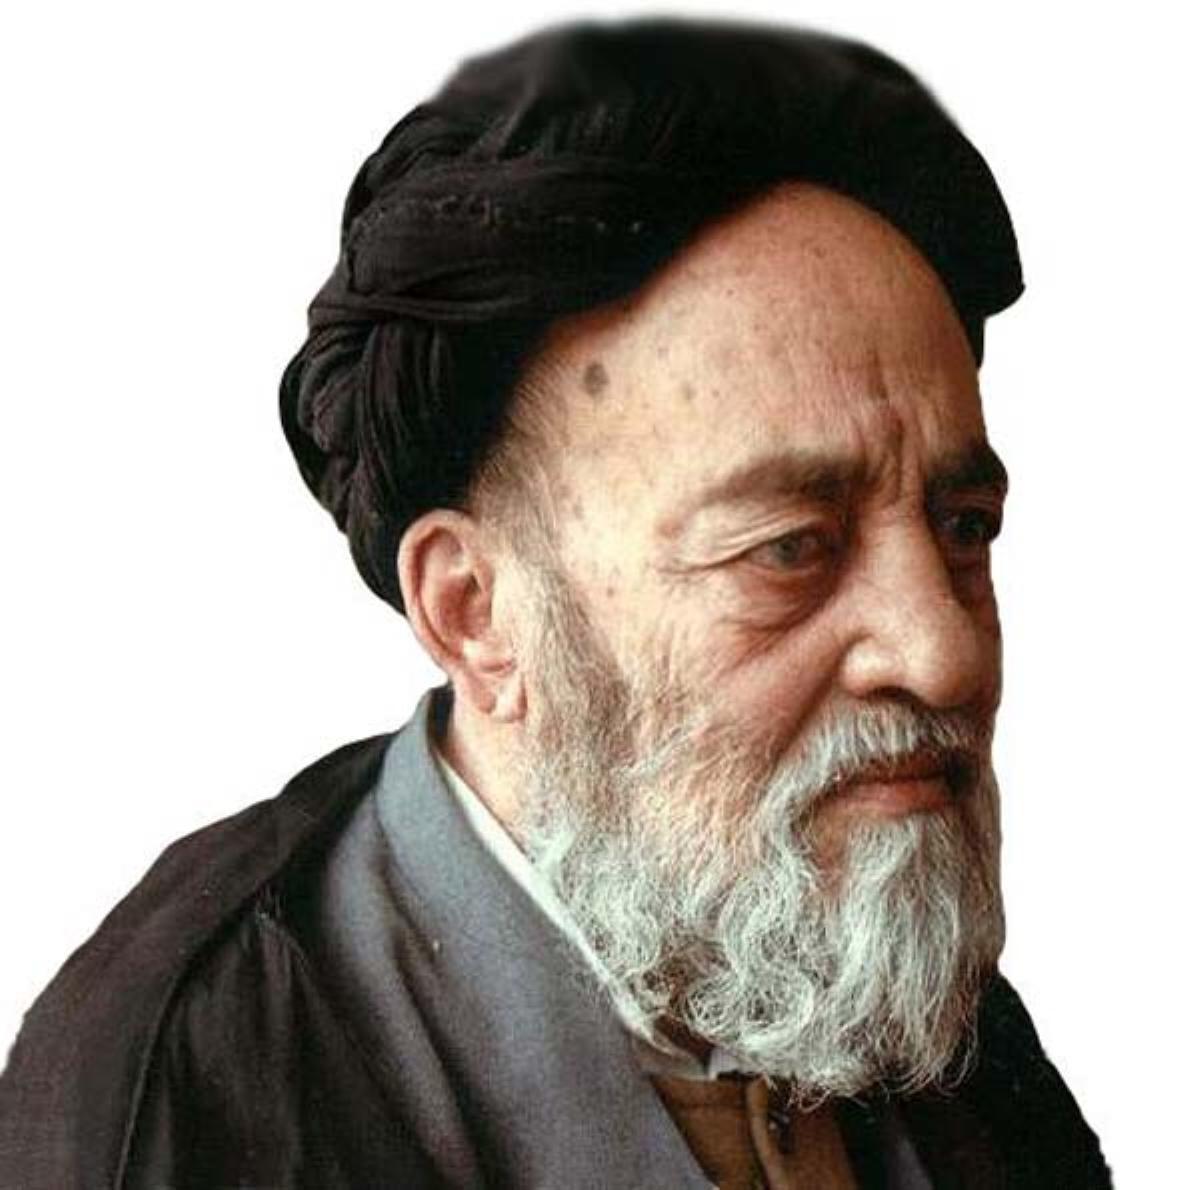 در این انقلاب یک شهید واقعی بود، که مظلومانه هم شهید شد، و آن اسلام بود